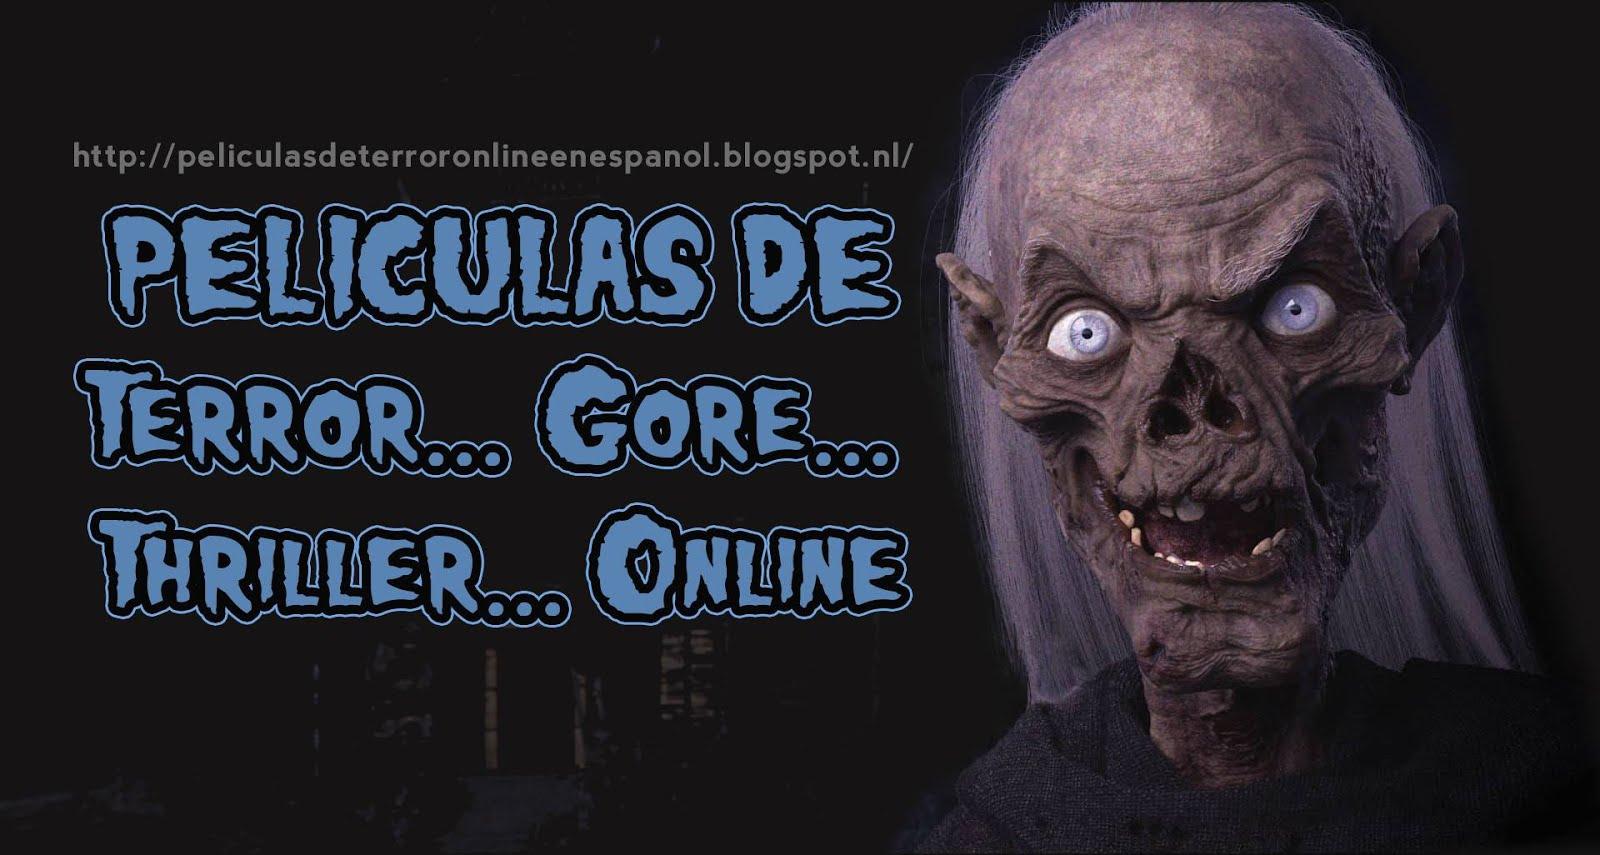 Peliculas de Terror/ Gore/ Thriller Online